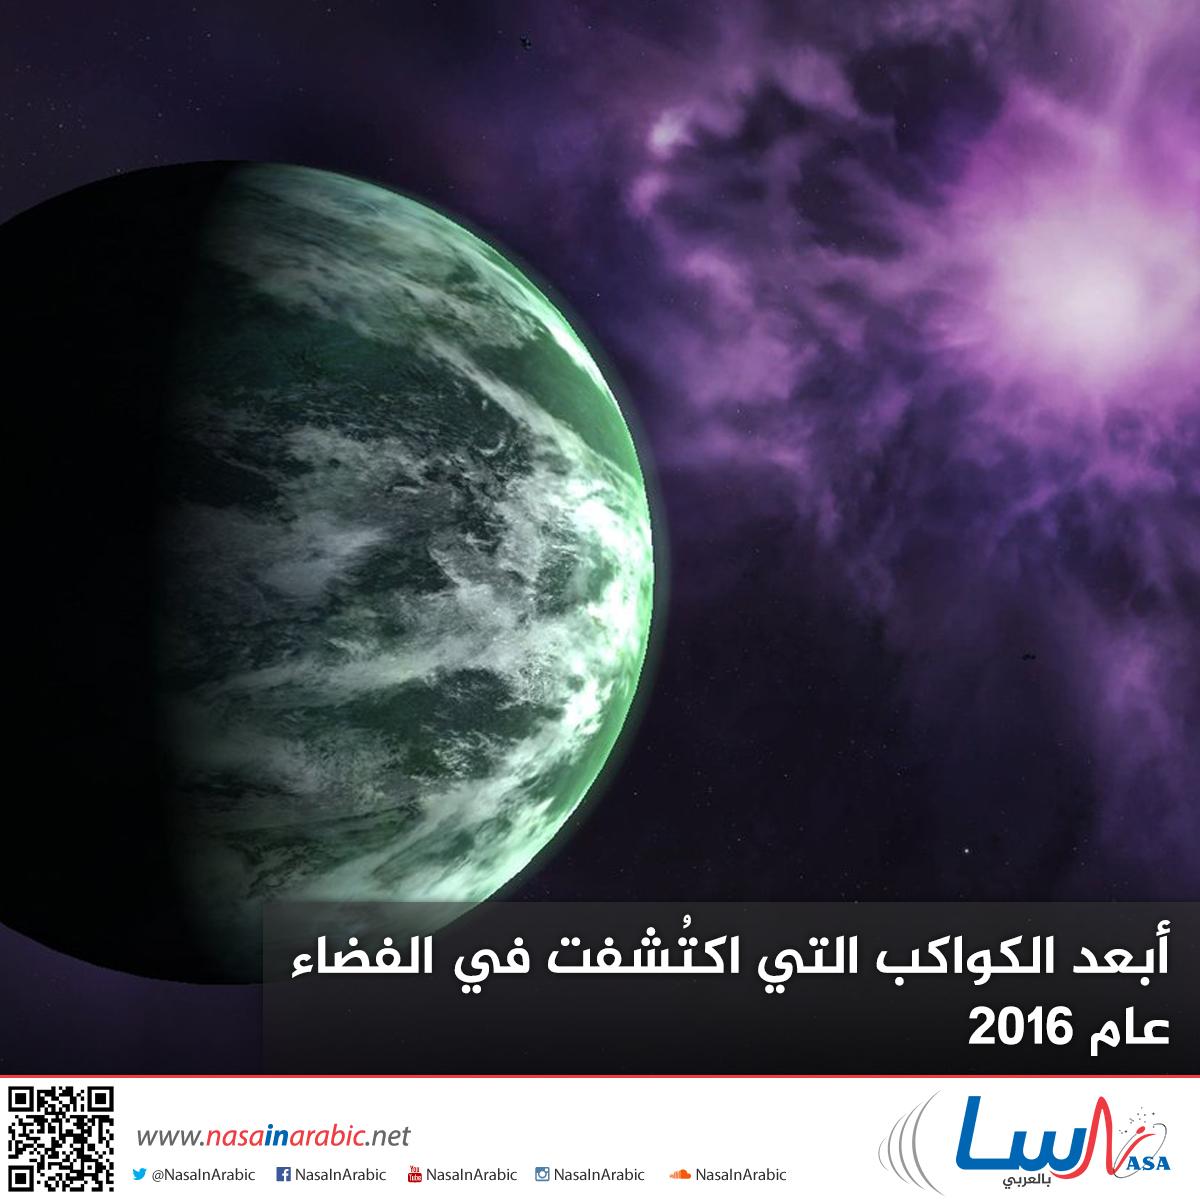 أبعد الكواكب التي اكتشفت في الفضاء عام 2016